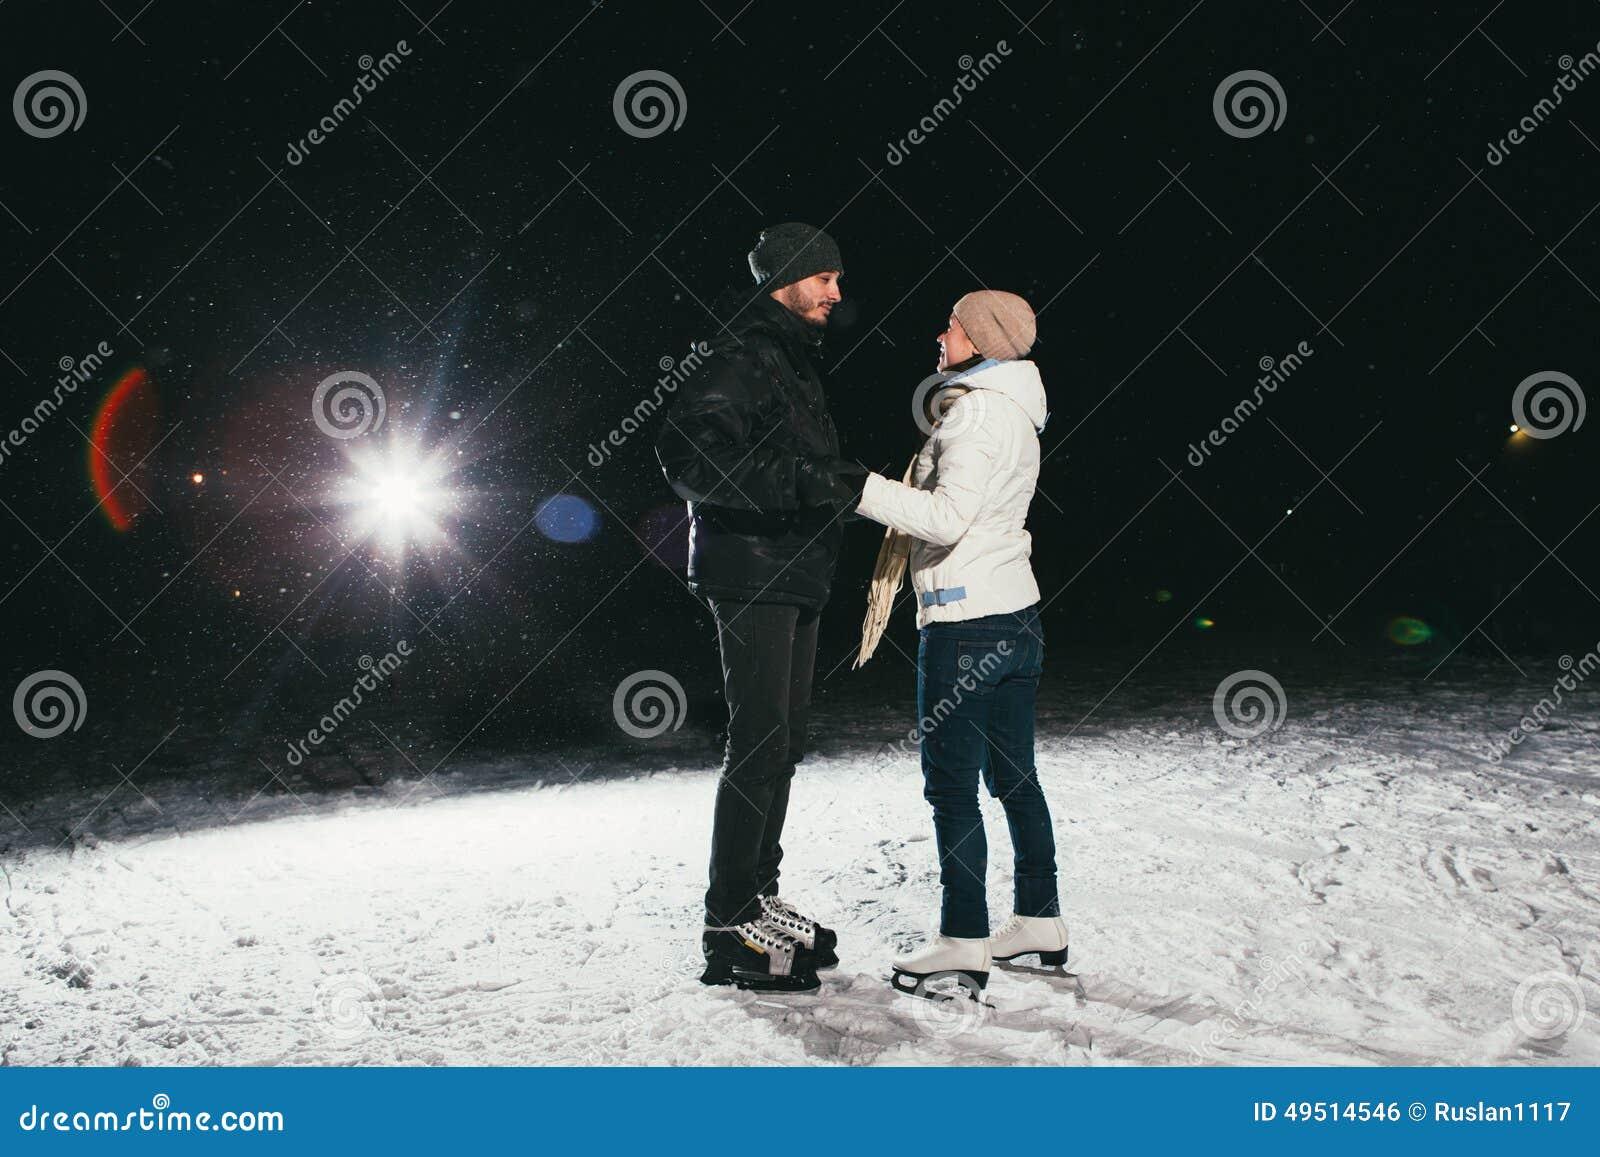 Couple ice skating at night